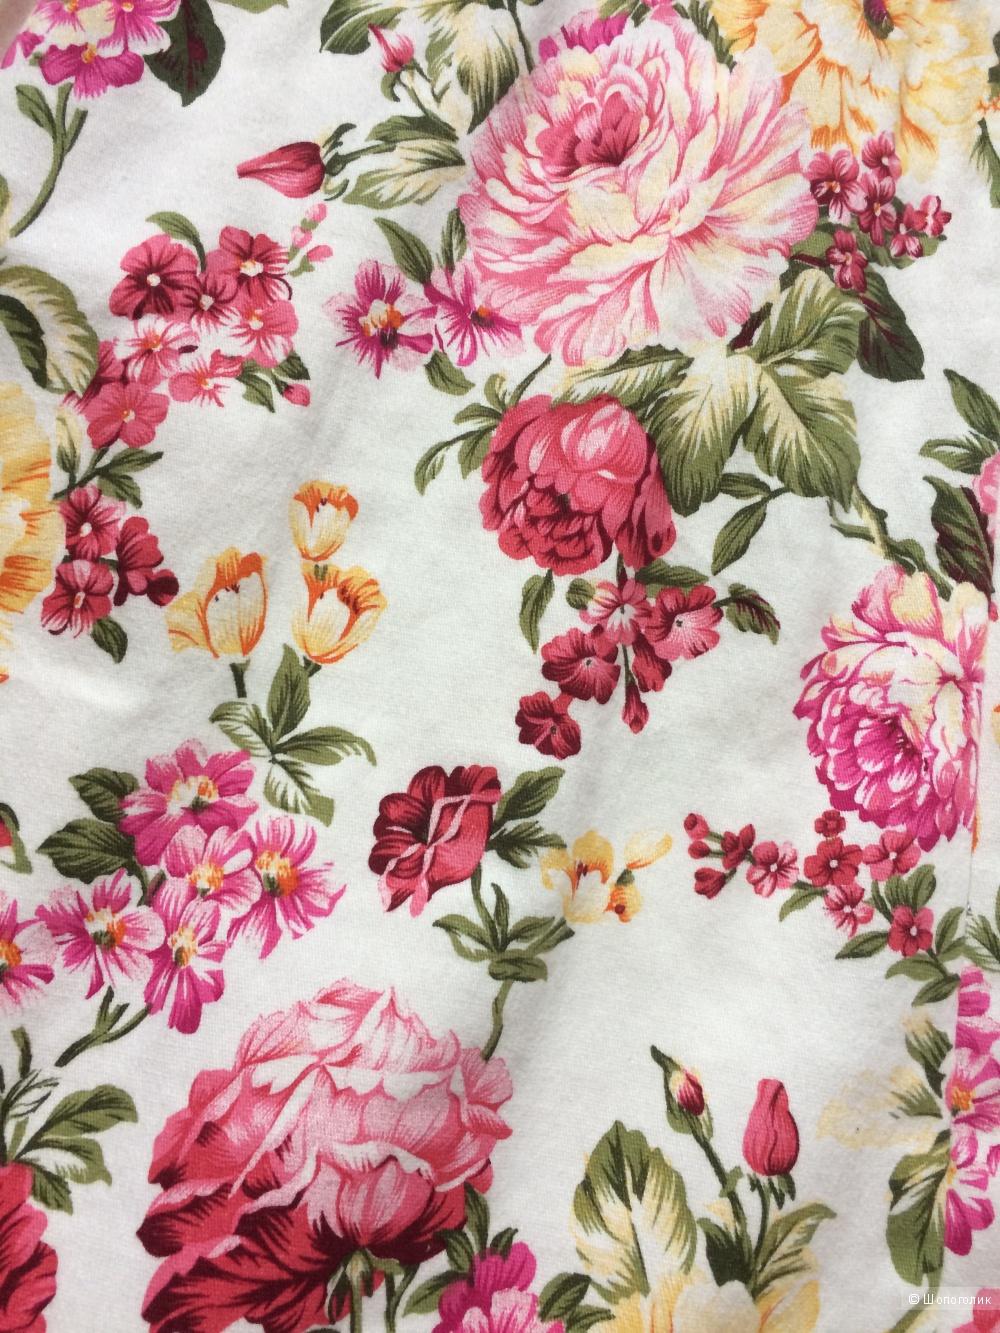 Платье с цветочным принтом А.Karina, 46 размер